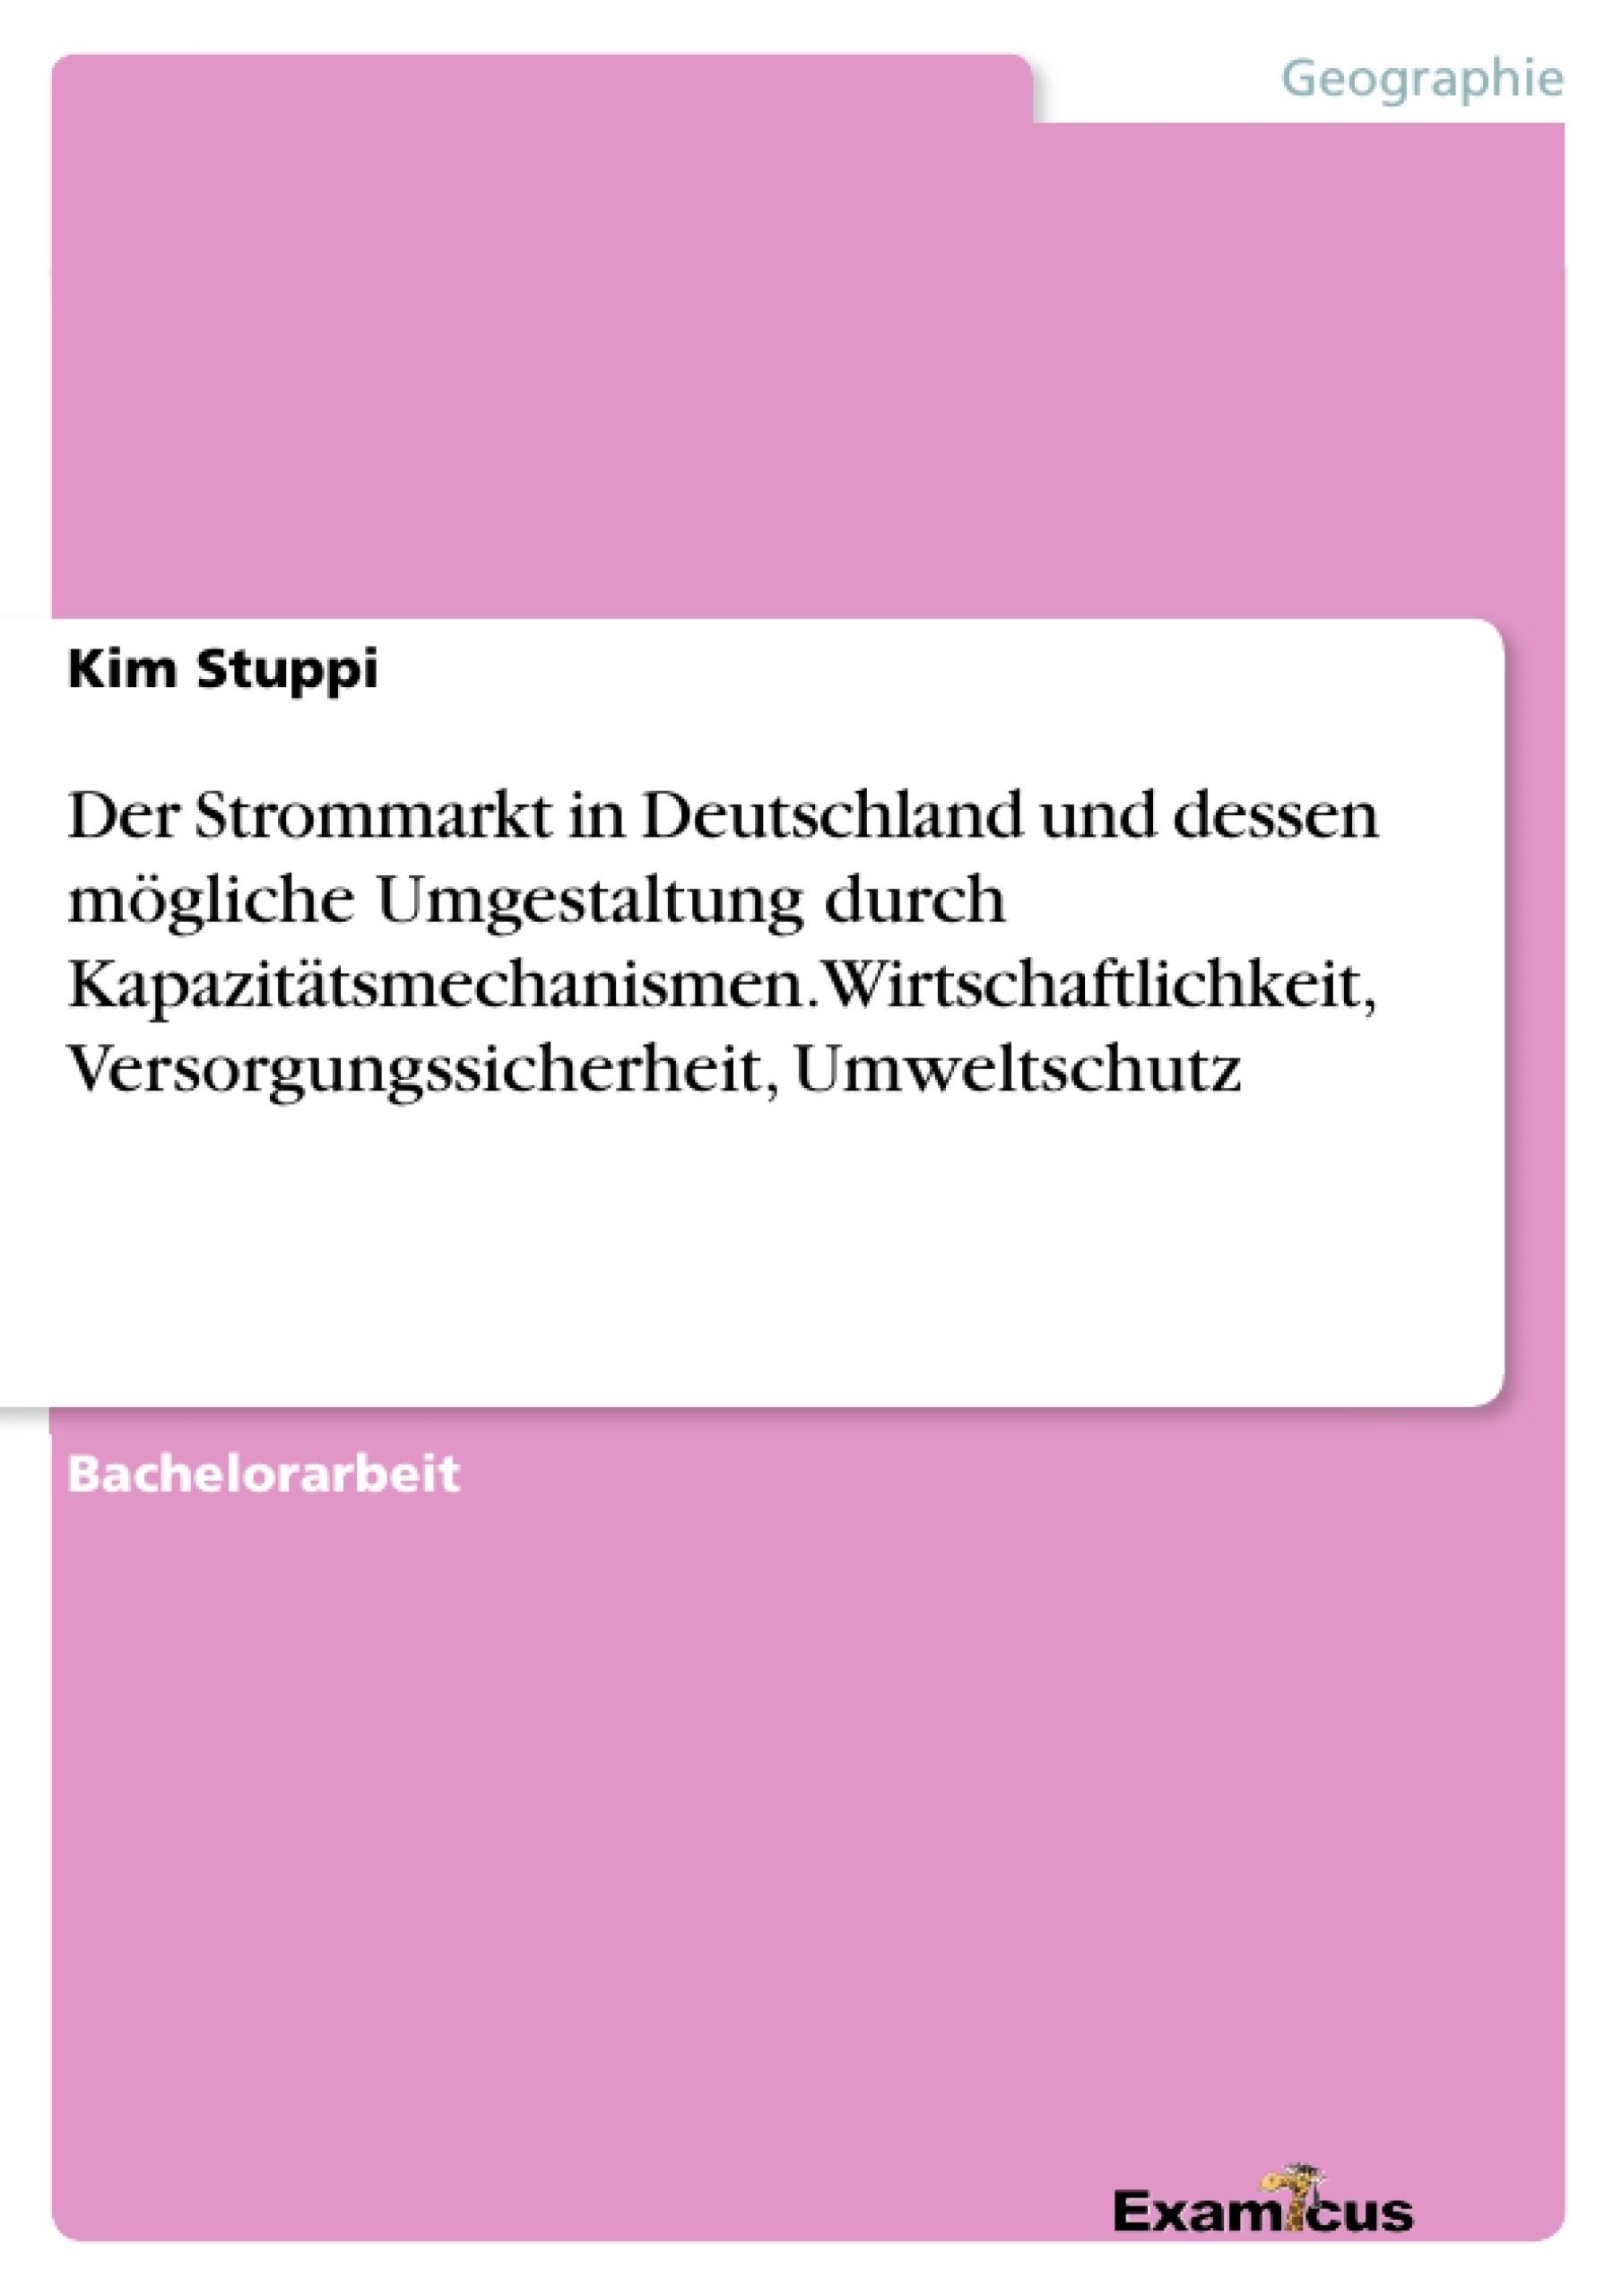 Titel: Der Strommarkt in Deutschland und dessen mögliche Umgestaltung durch  Kapazitätsmechanismen. Wirtschaftlichkeit, Versorgungssicherheit, Umweltschutz